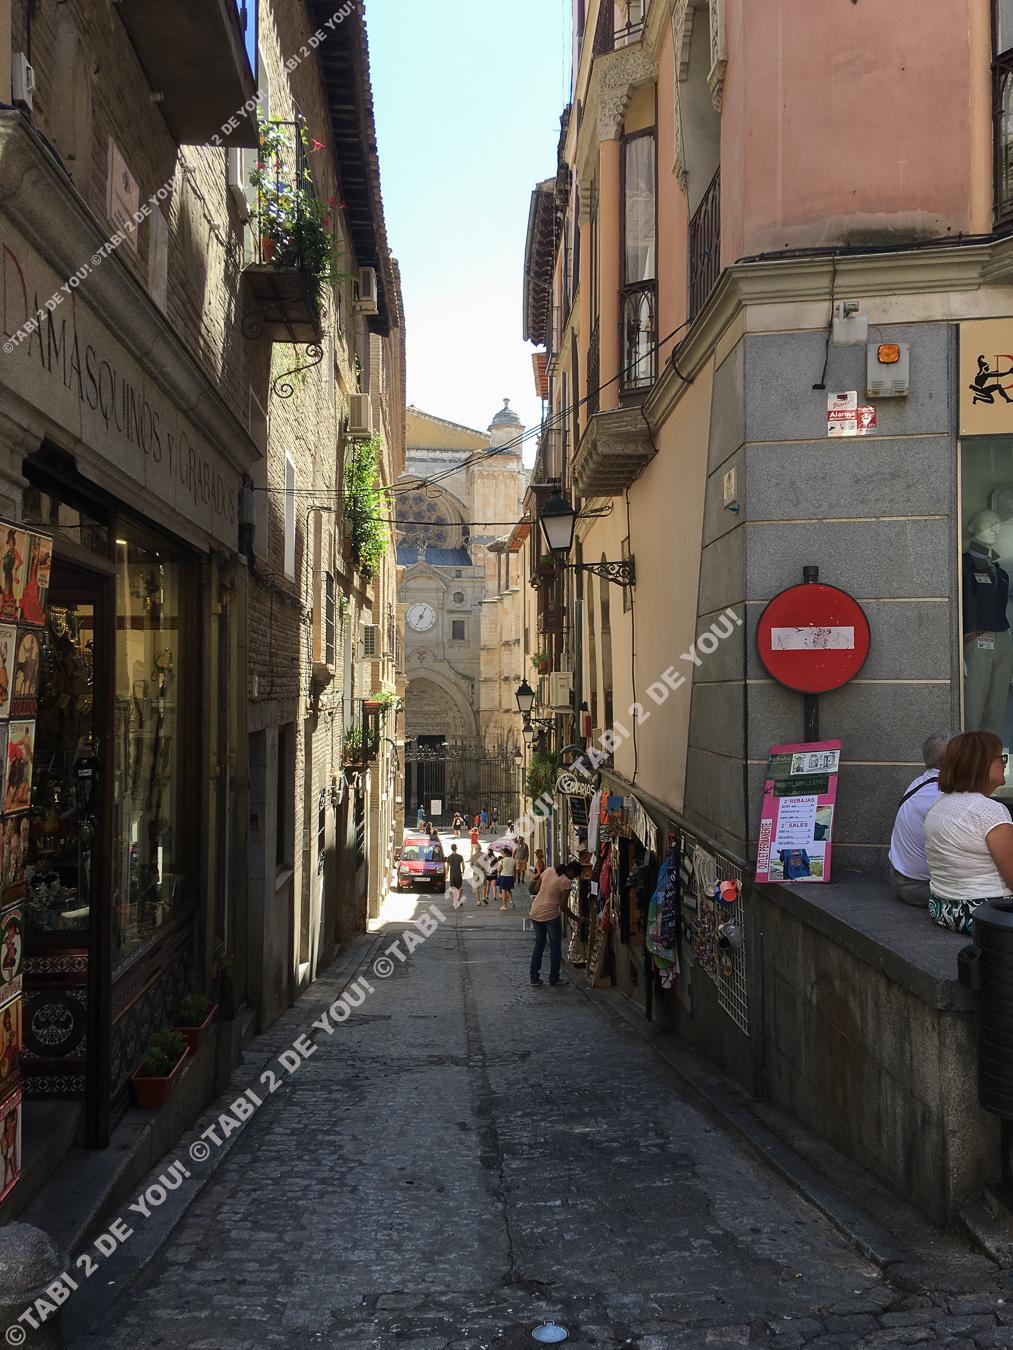 迷路のようなトレドの街並み。奥にカテドラルが見えます。